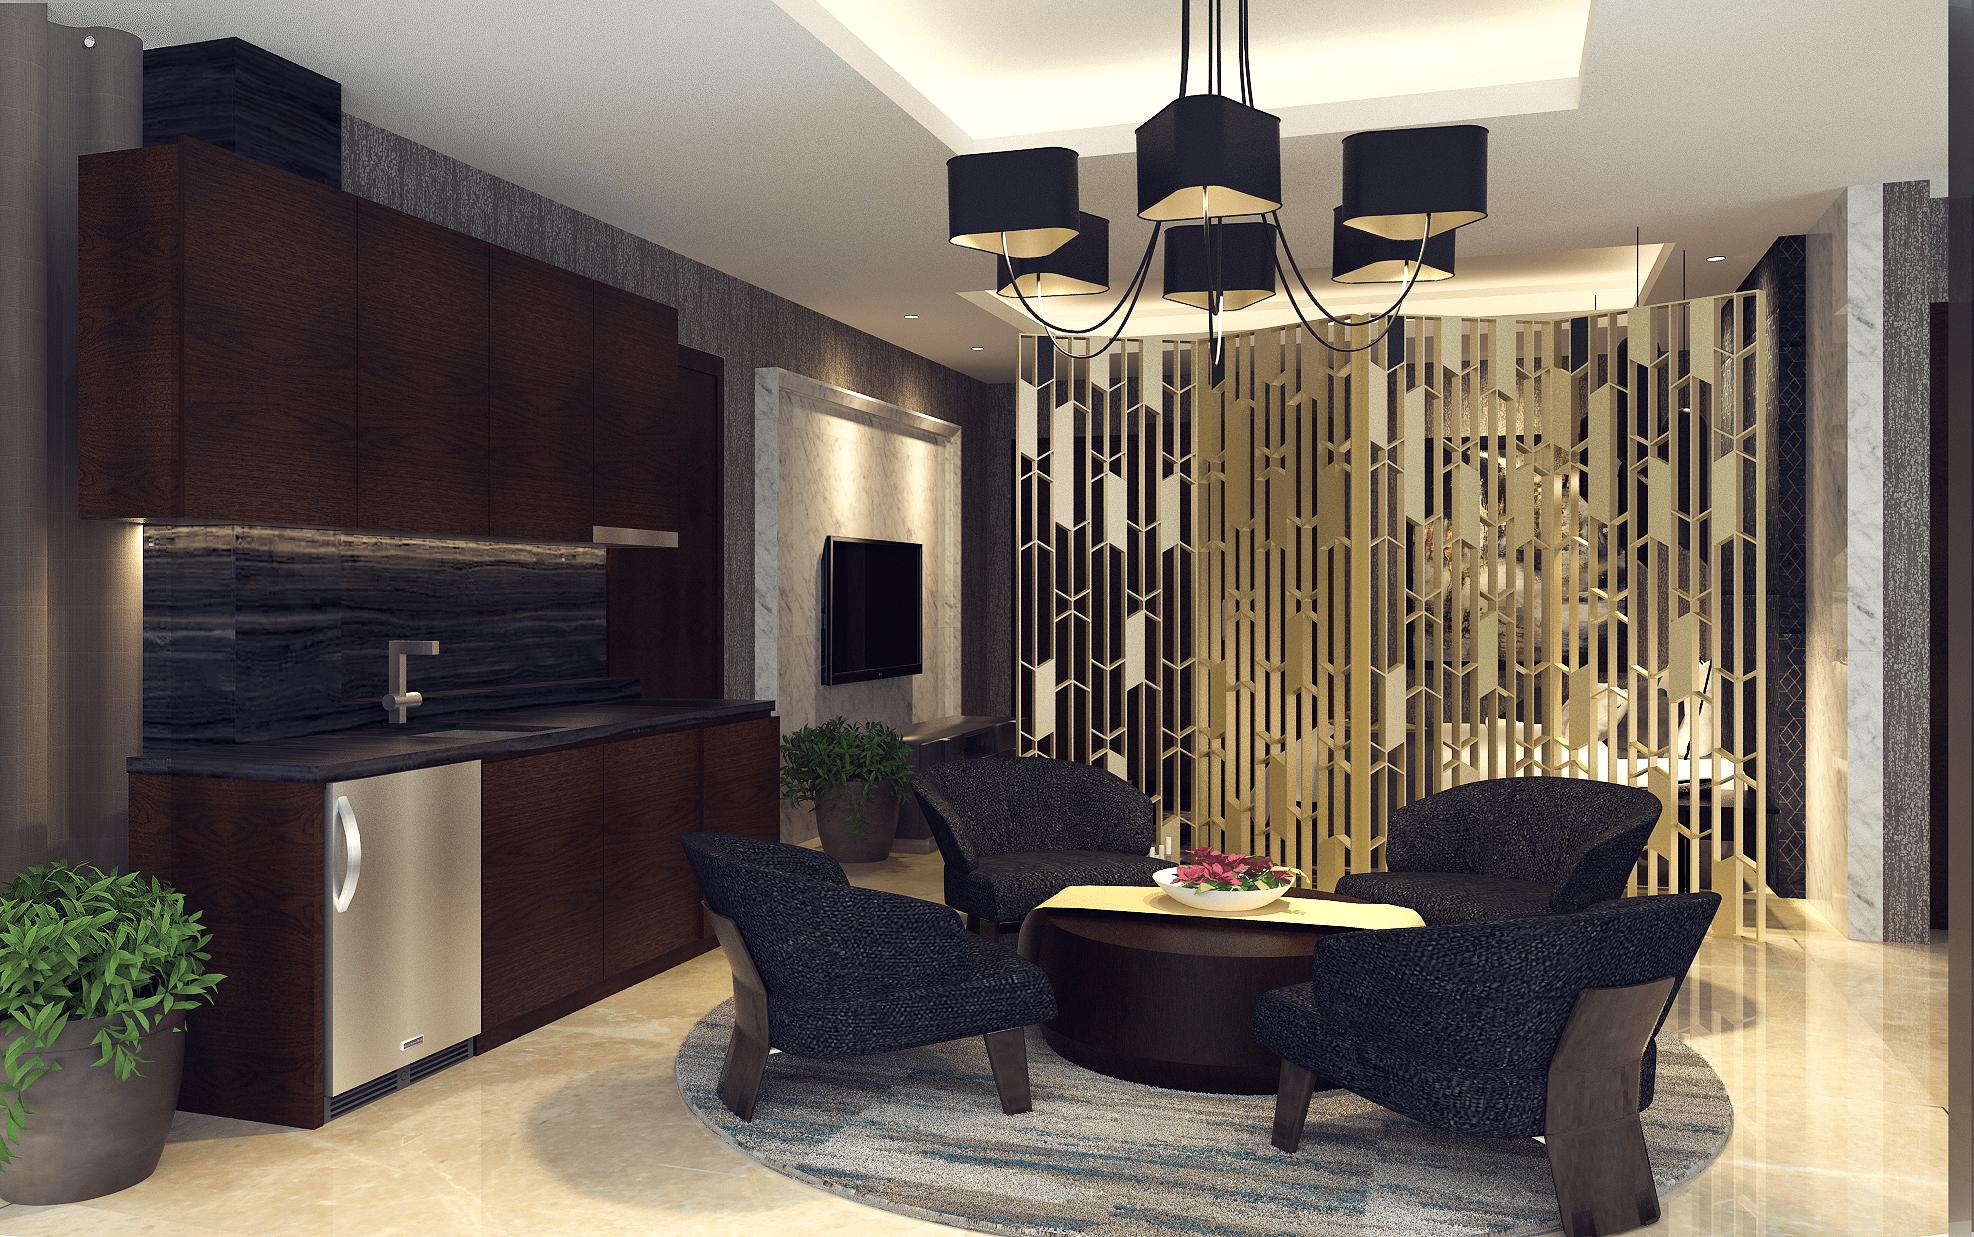 Pt. Modula Gnb Hotel Medan Medan Vip Room, Small Type Modern  26957